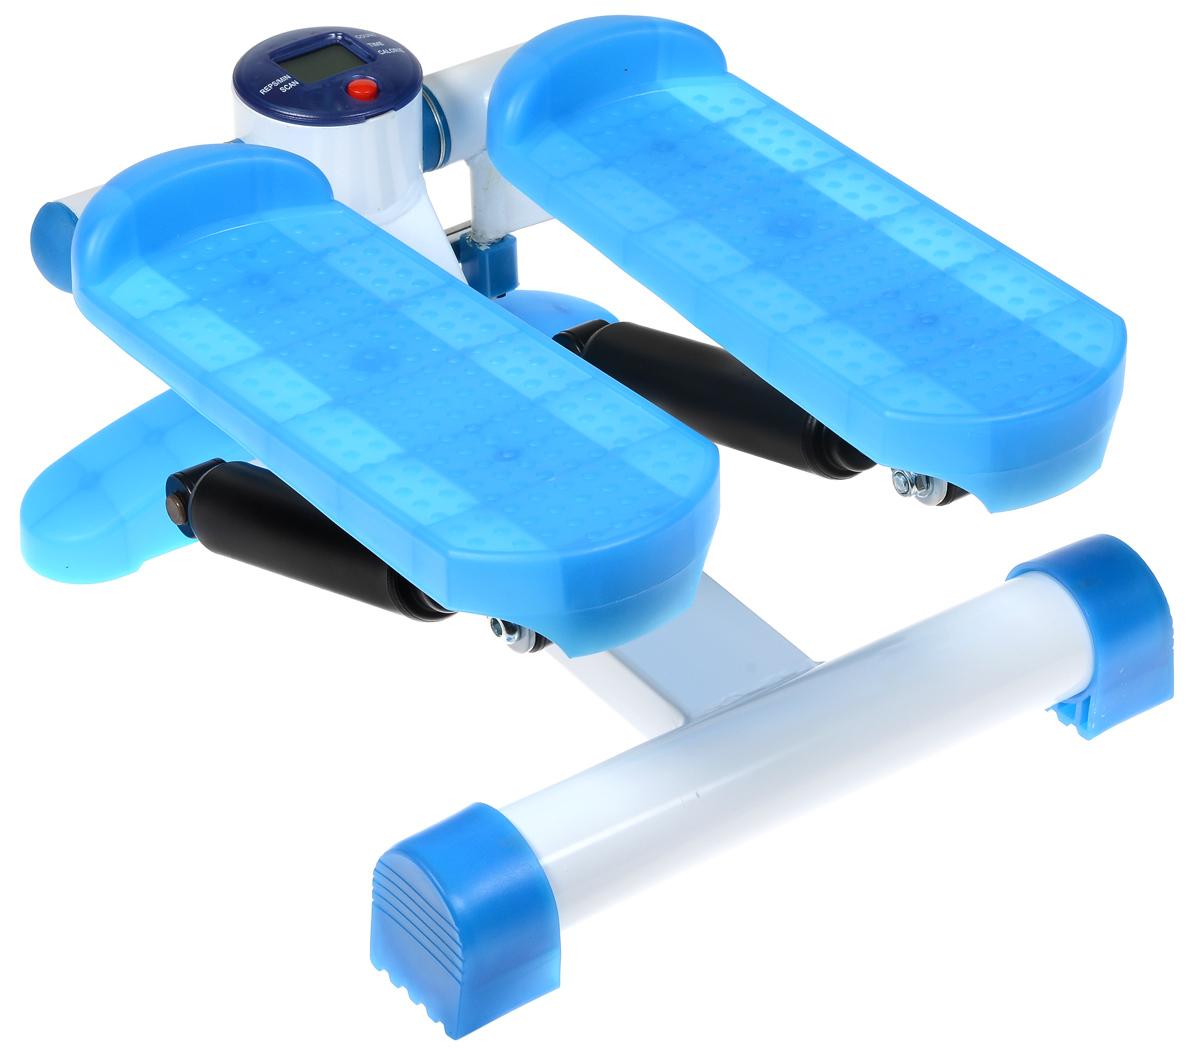 Министеппер Ironmaster. IRST10IRST10Министеппер Ironmaster - это удобный и компактный тренажер, позволяющий заниматься спортом в ограниченных пространствах. Степпер создает нагрузку на мышцы ног, ягодиц и брюшного пресса. Изделие оснащено компьютером.Компьютер:Count: показывает суммарное количество шагов за текущий сеанс занятий.Time: показывает время тренировки.Calorie: показывает количество потраченных калорий за время тренировки.Reps/min: показывает среднее количество шагов в минуту.Scan: последовательно отображает значения функций.Назначение красной кнопки:Выбор нужной функции.Компьютер работает от батарейки типа АА (входит в комплект).